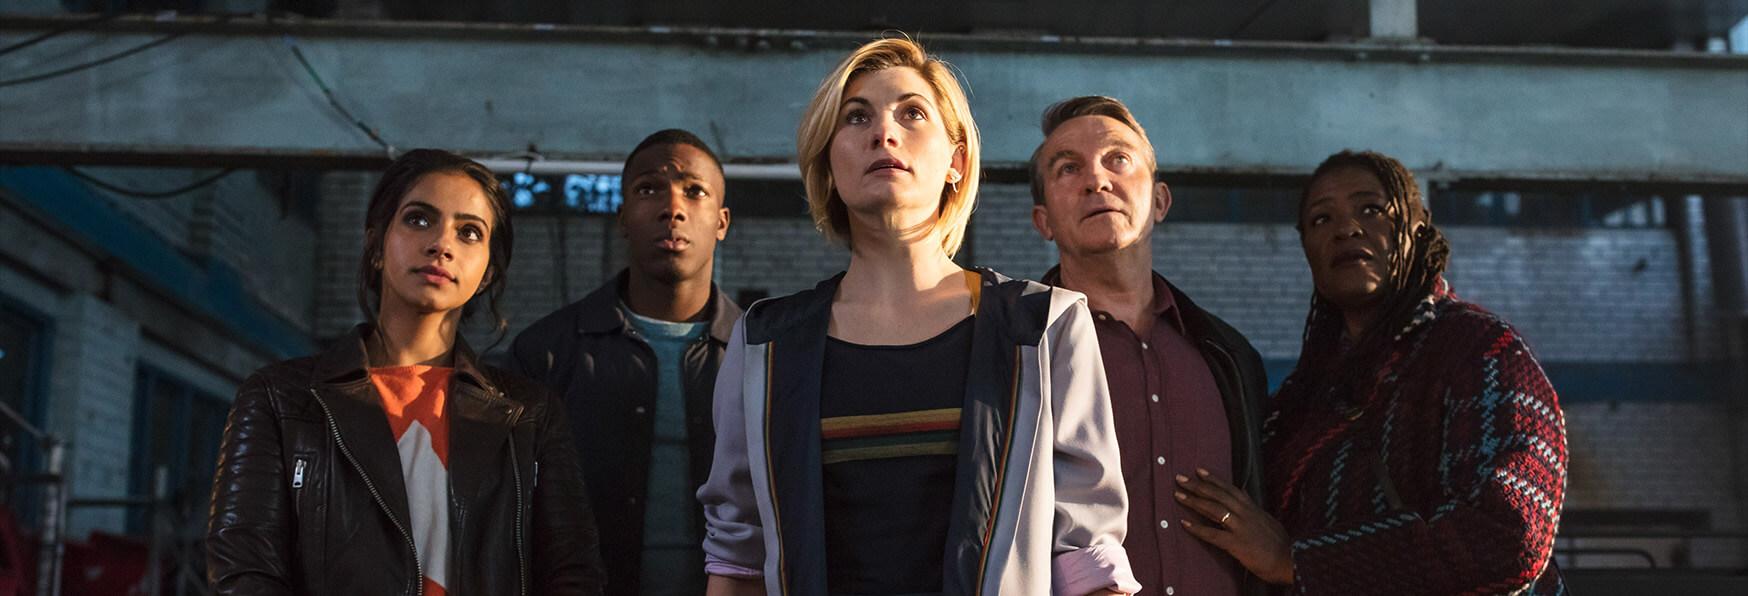 La recensione dell'attesissimo Episodio 11x01 di Doctor Who